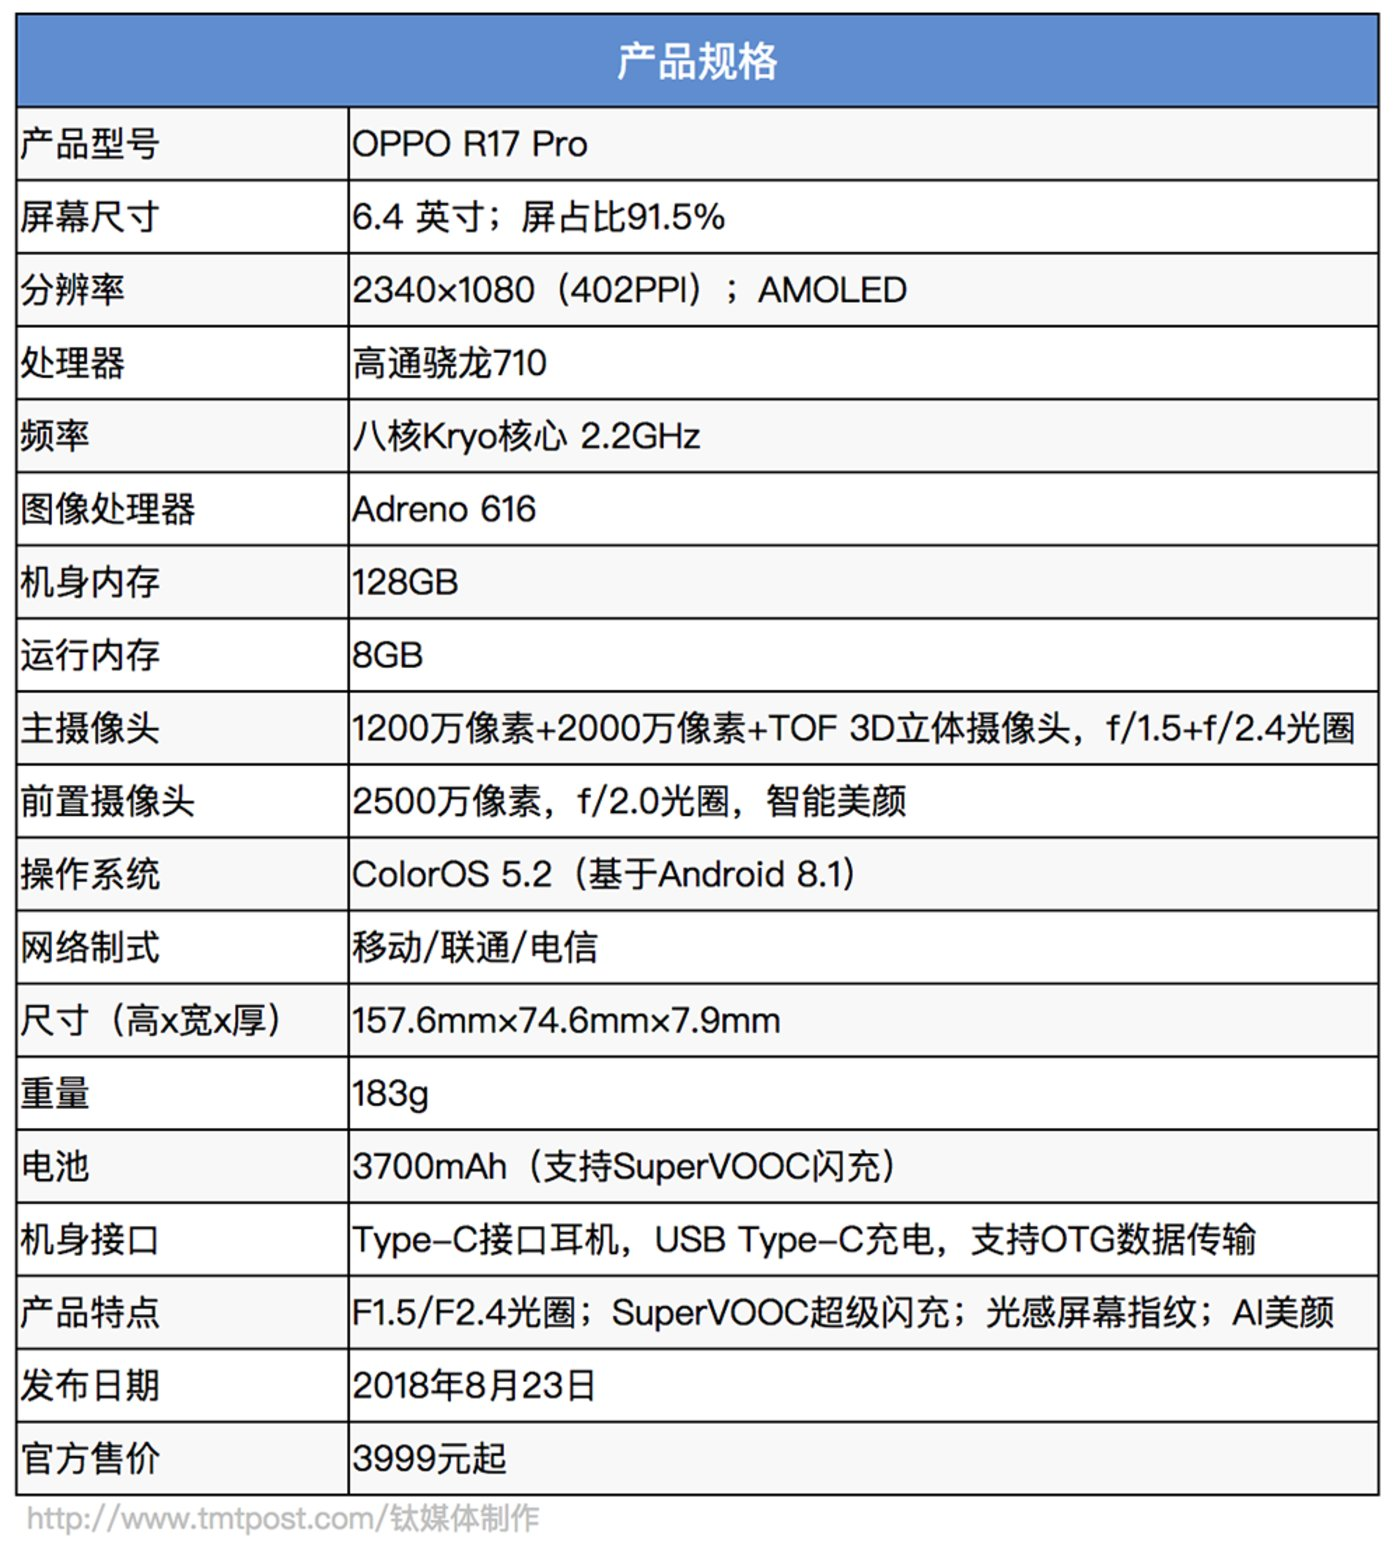 OPPO R17 Pro参数表